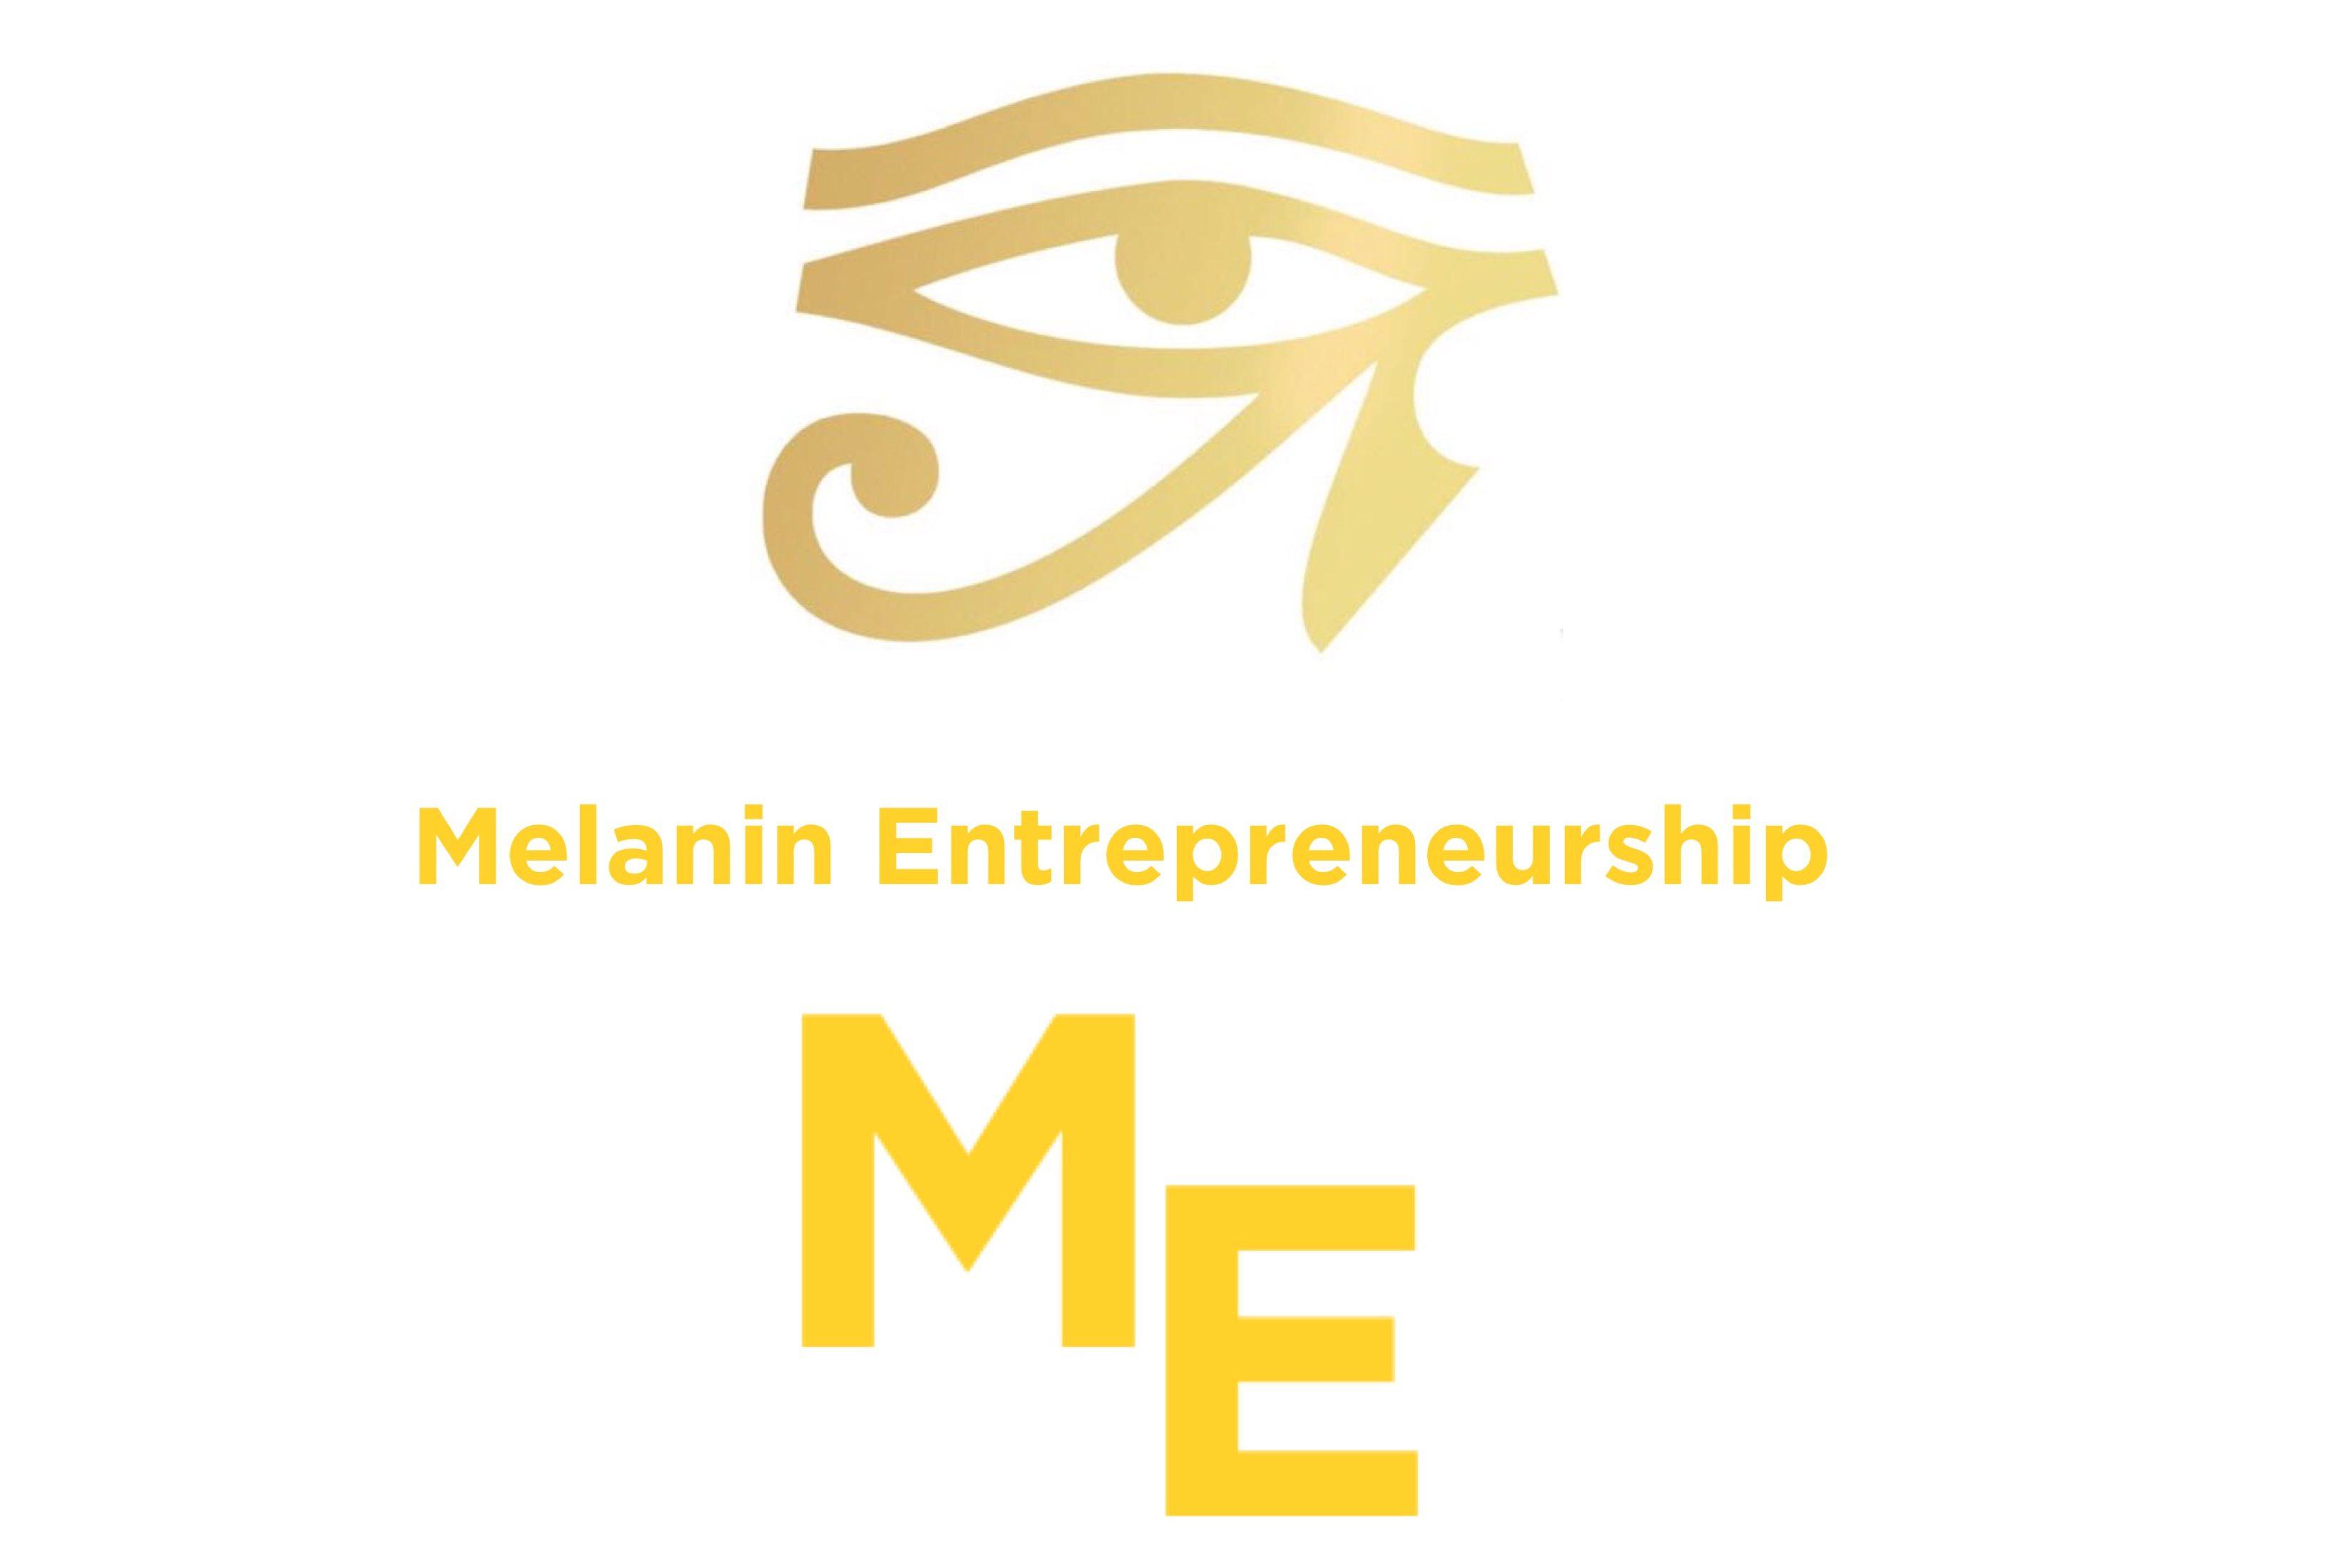 Melanin Entrepreneurship